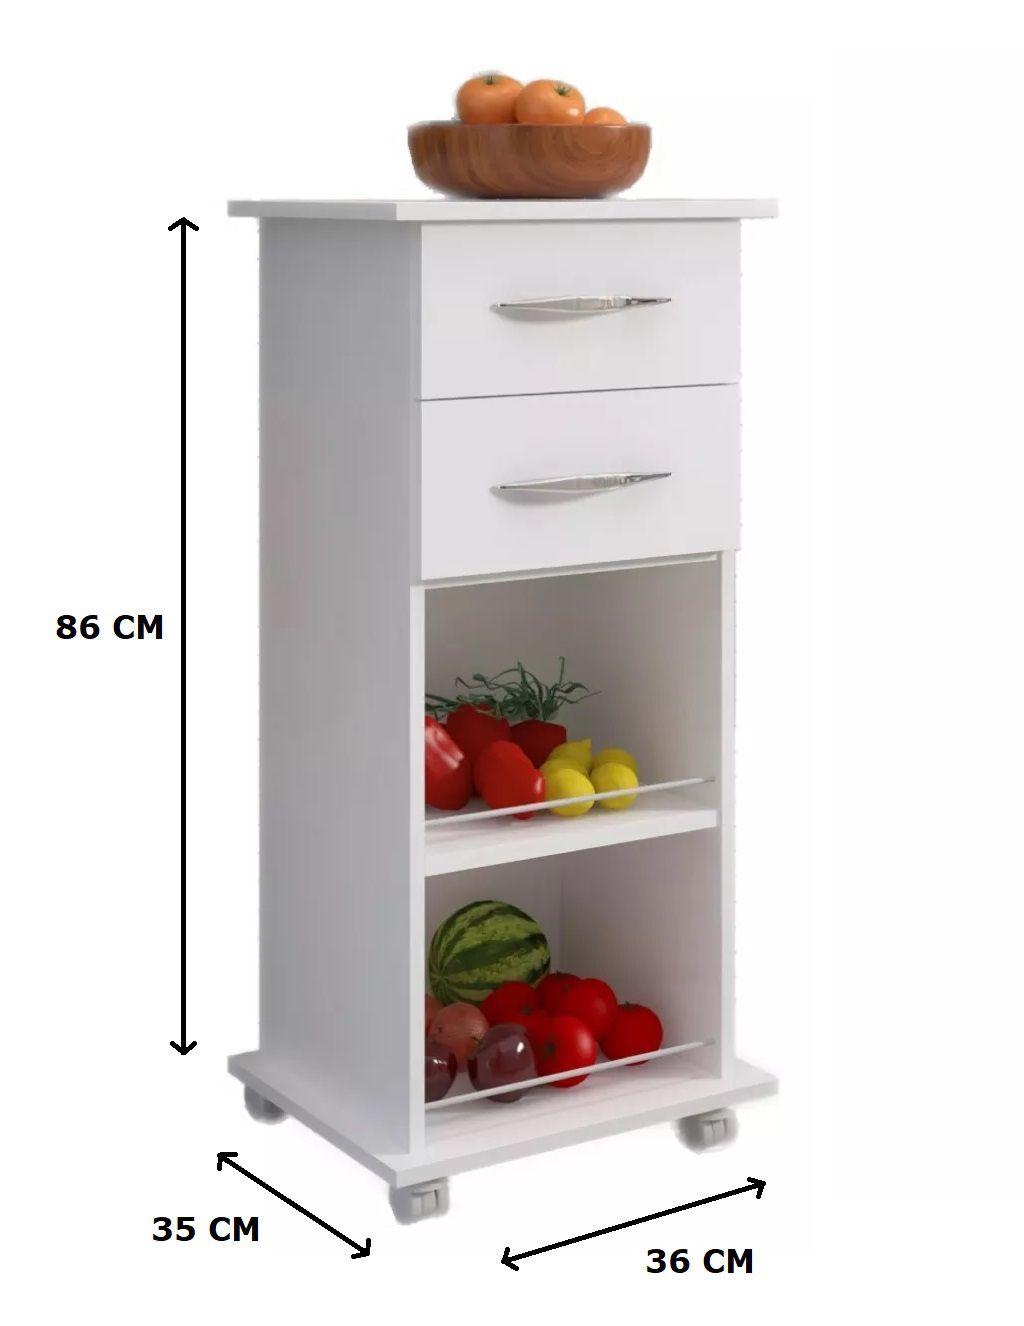 Fruteira Armário Branco 2 Gavetas c/ Rodinhas Cozinha